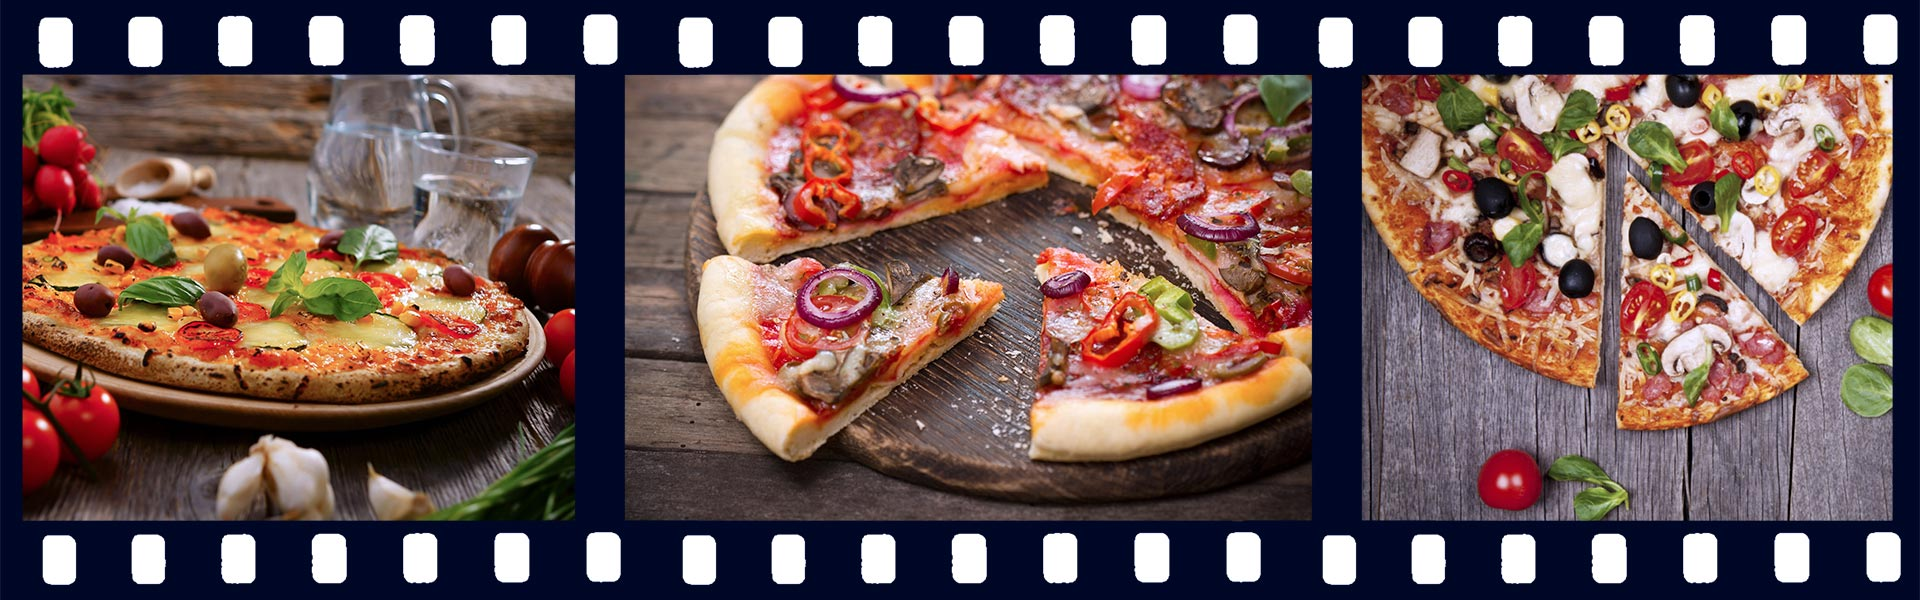 Видео для пиццерии «Домино» и «Бургерной»